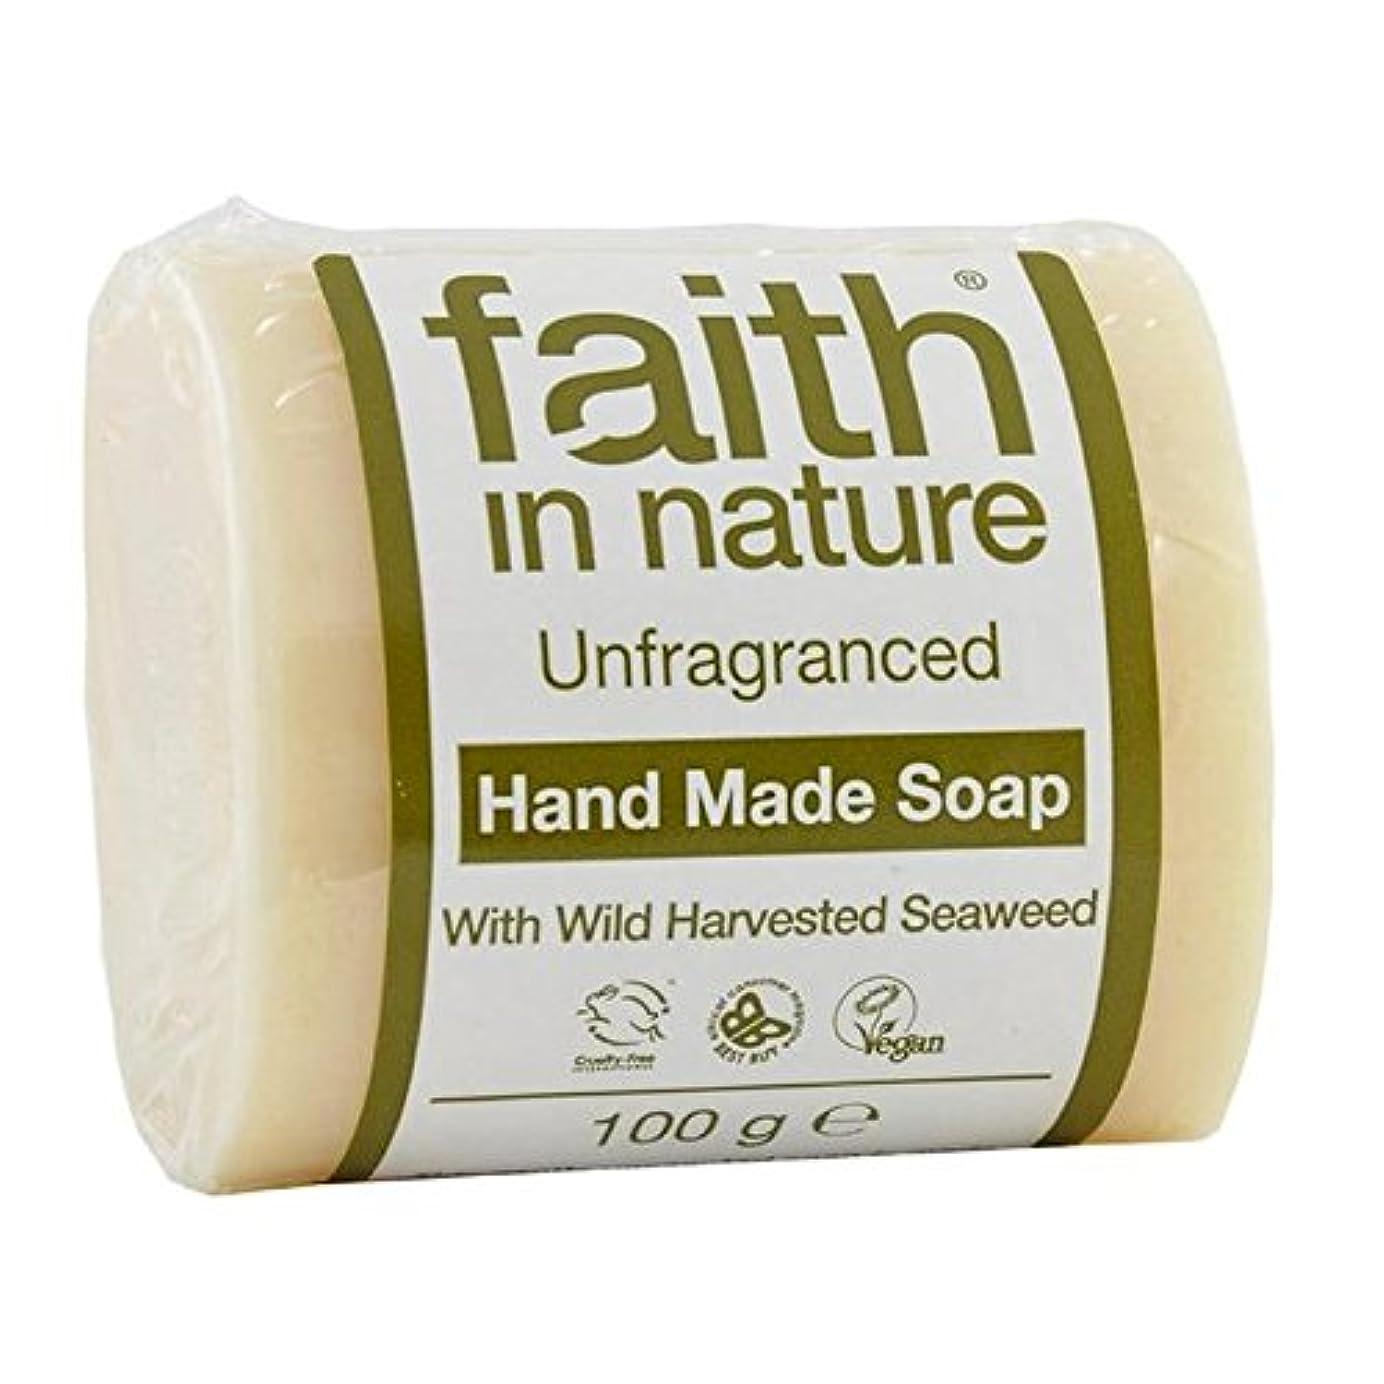 干ばつできればキネマティクスFaith in Nature Unfragranced Pure Hand Made Soap 100g - (Faith In Nature) 自然の中で信仰は純粋な手作り石鹸100グラムを無香料 [並行輸入品]